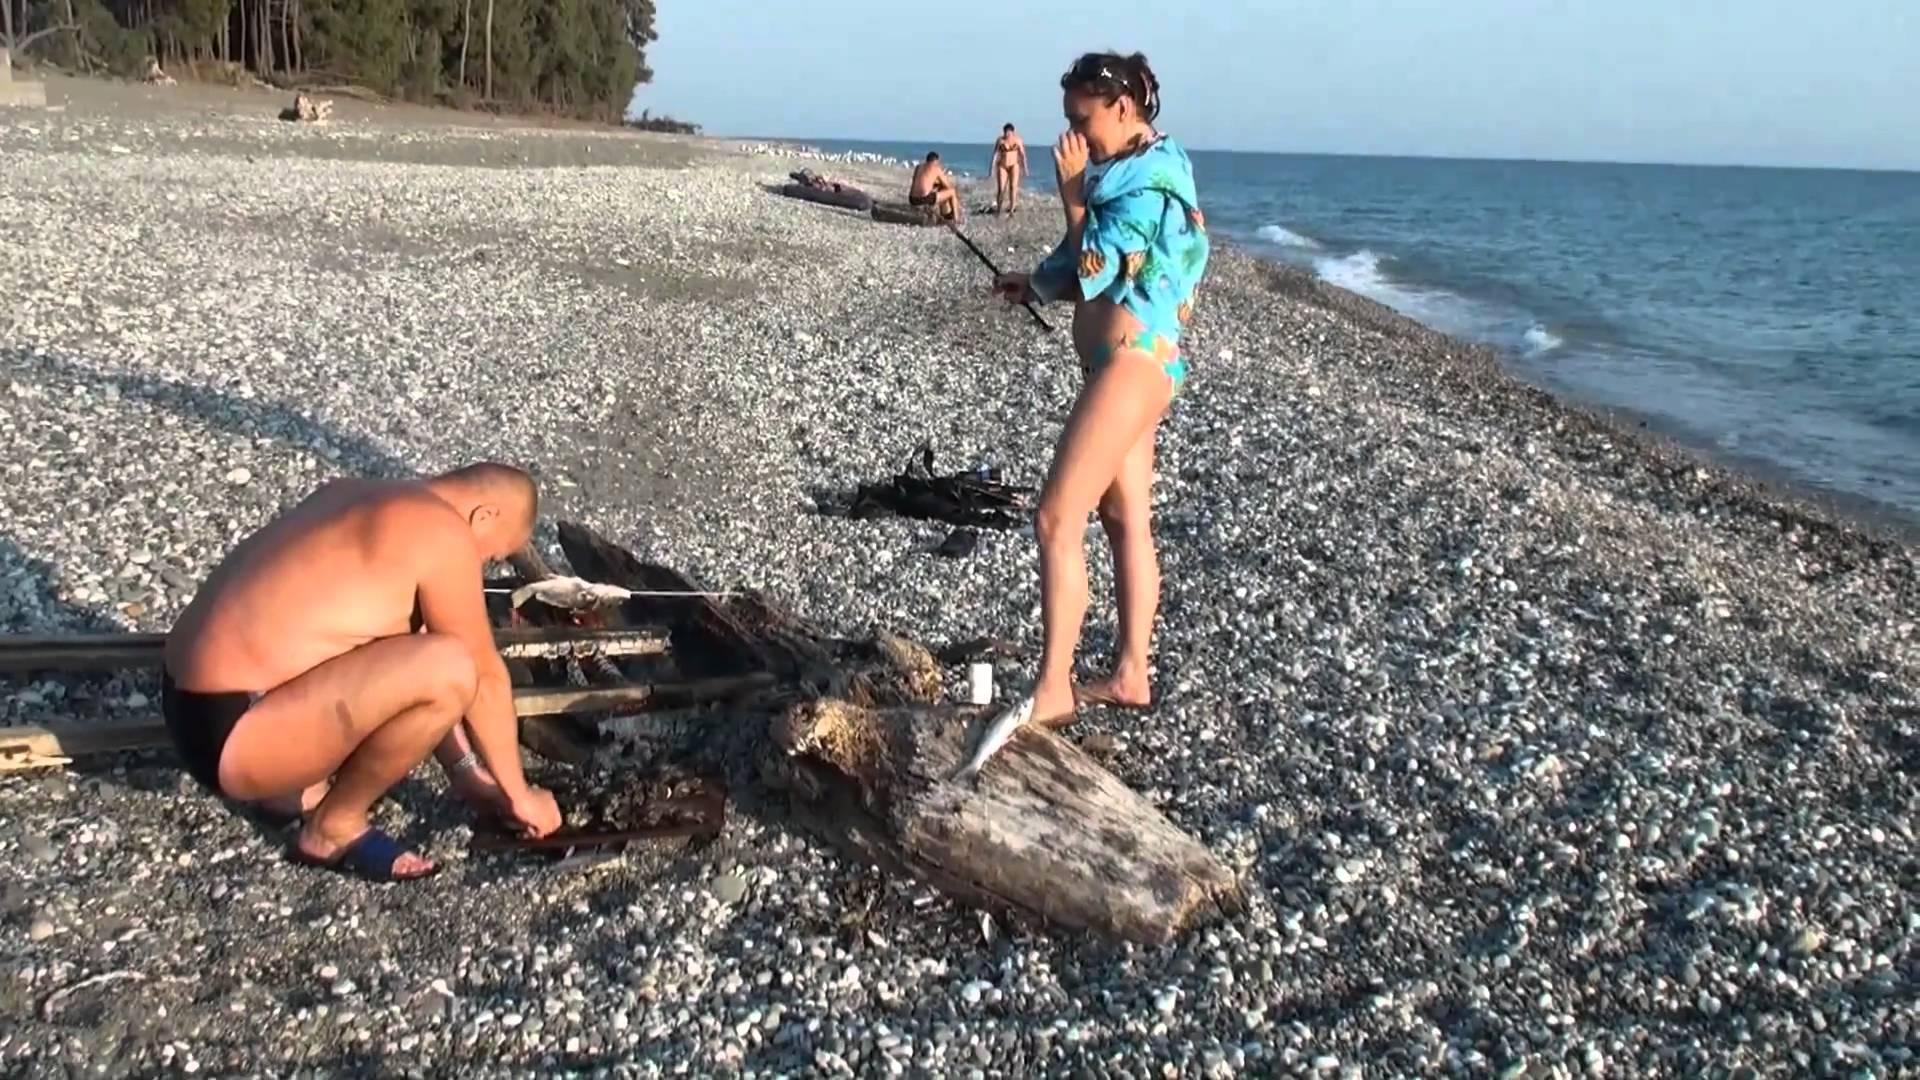 Мужчина с девушкой на пляжу